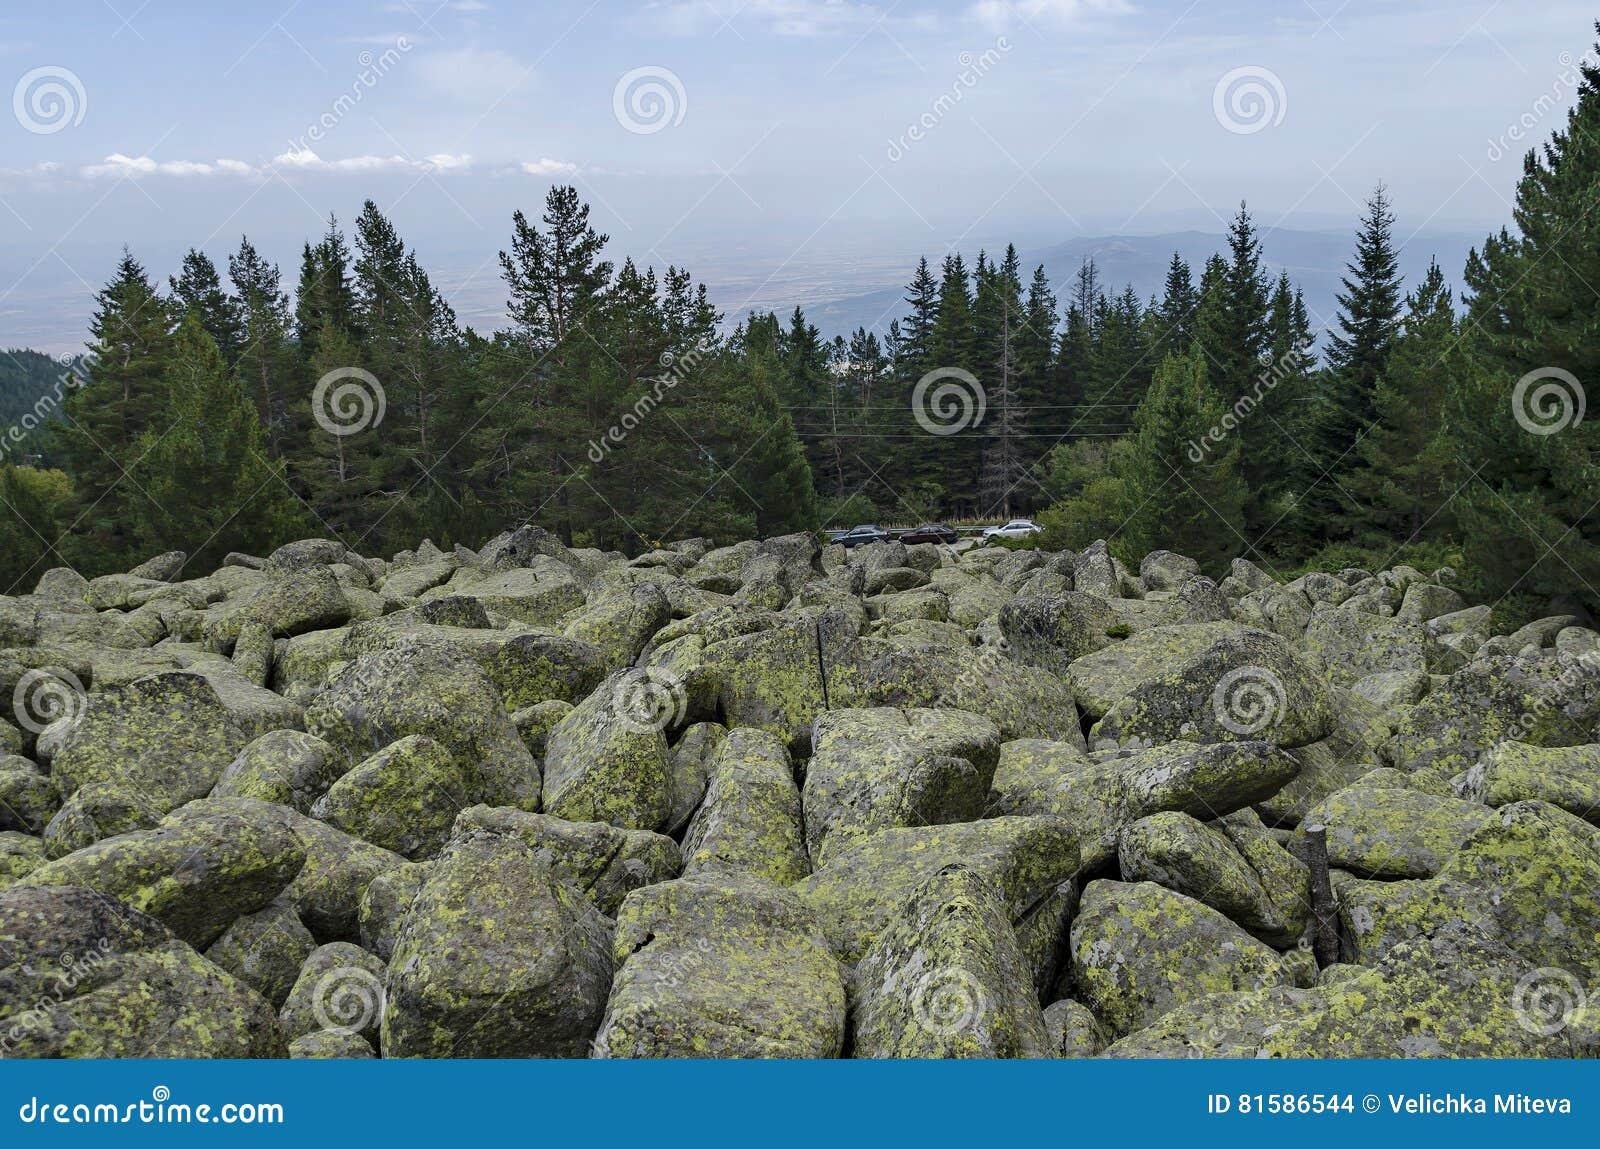 Huge Granite Stone : Unique stone river with big granite stones or moraine